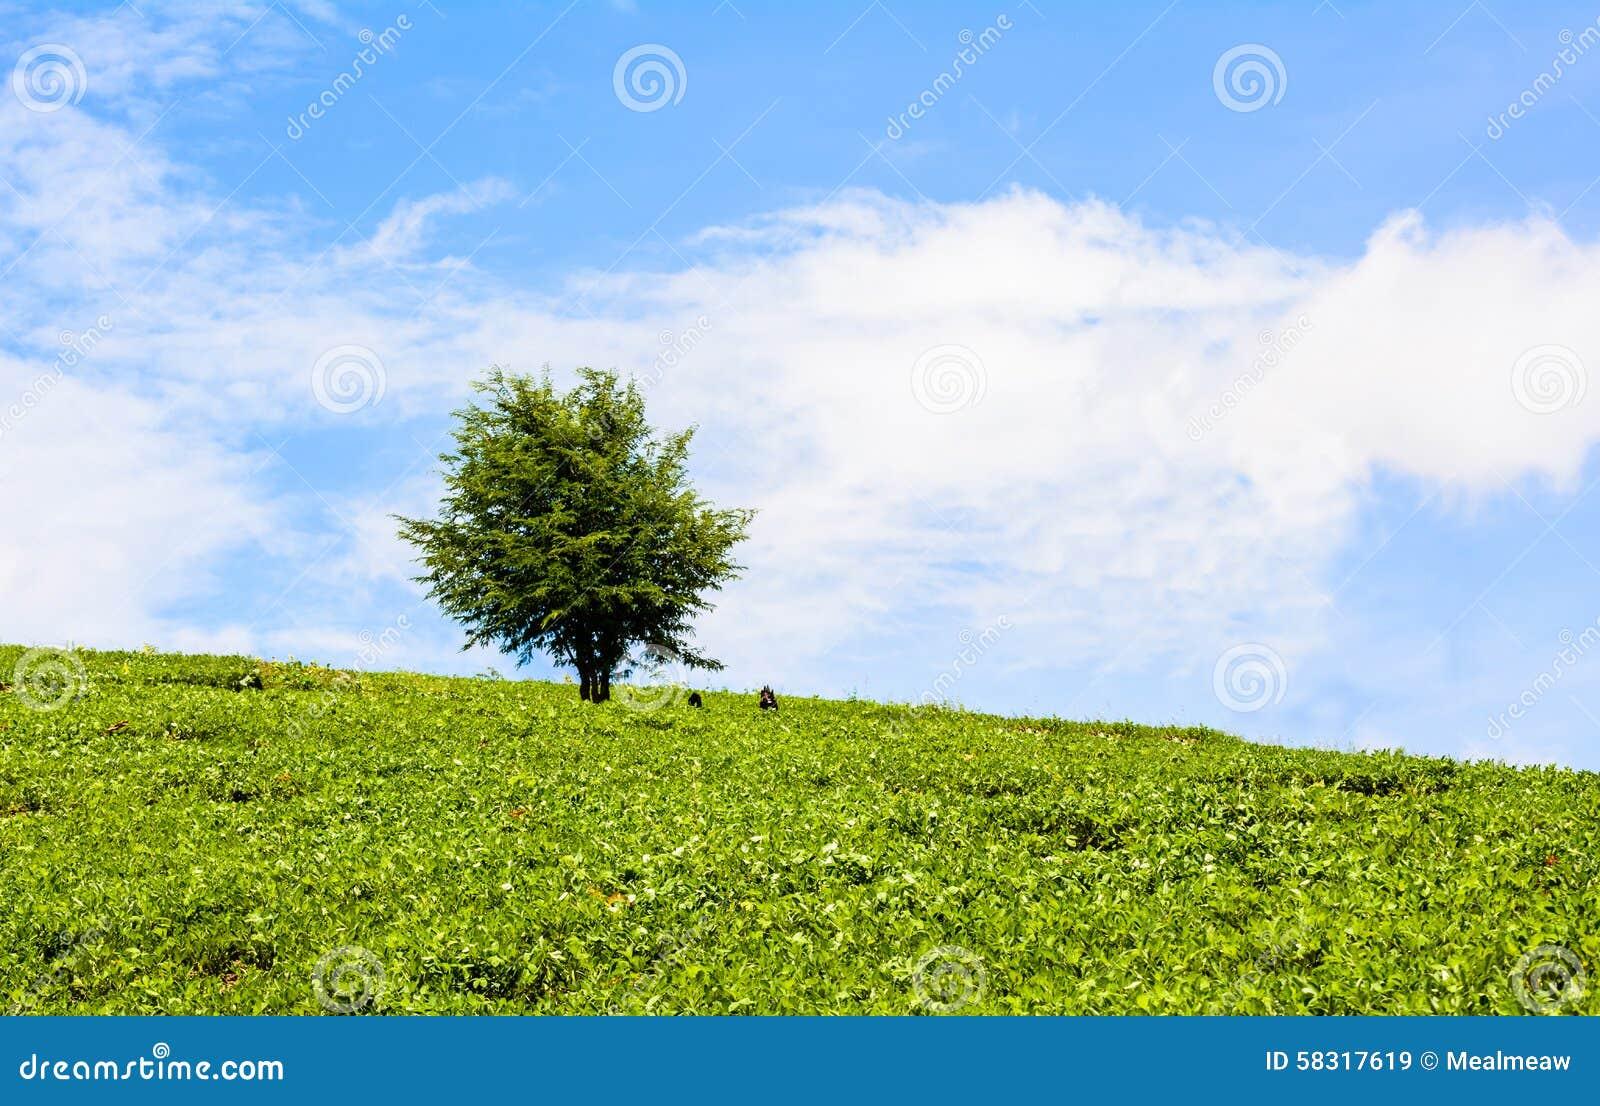 Champ d herbe verte et d arbres au ciel bleu